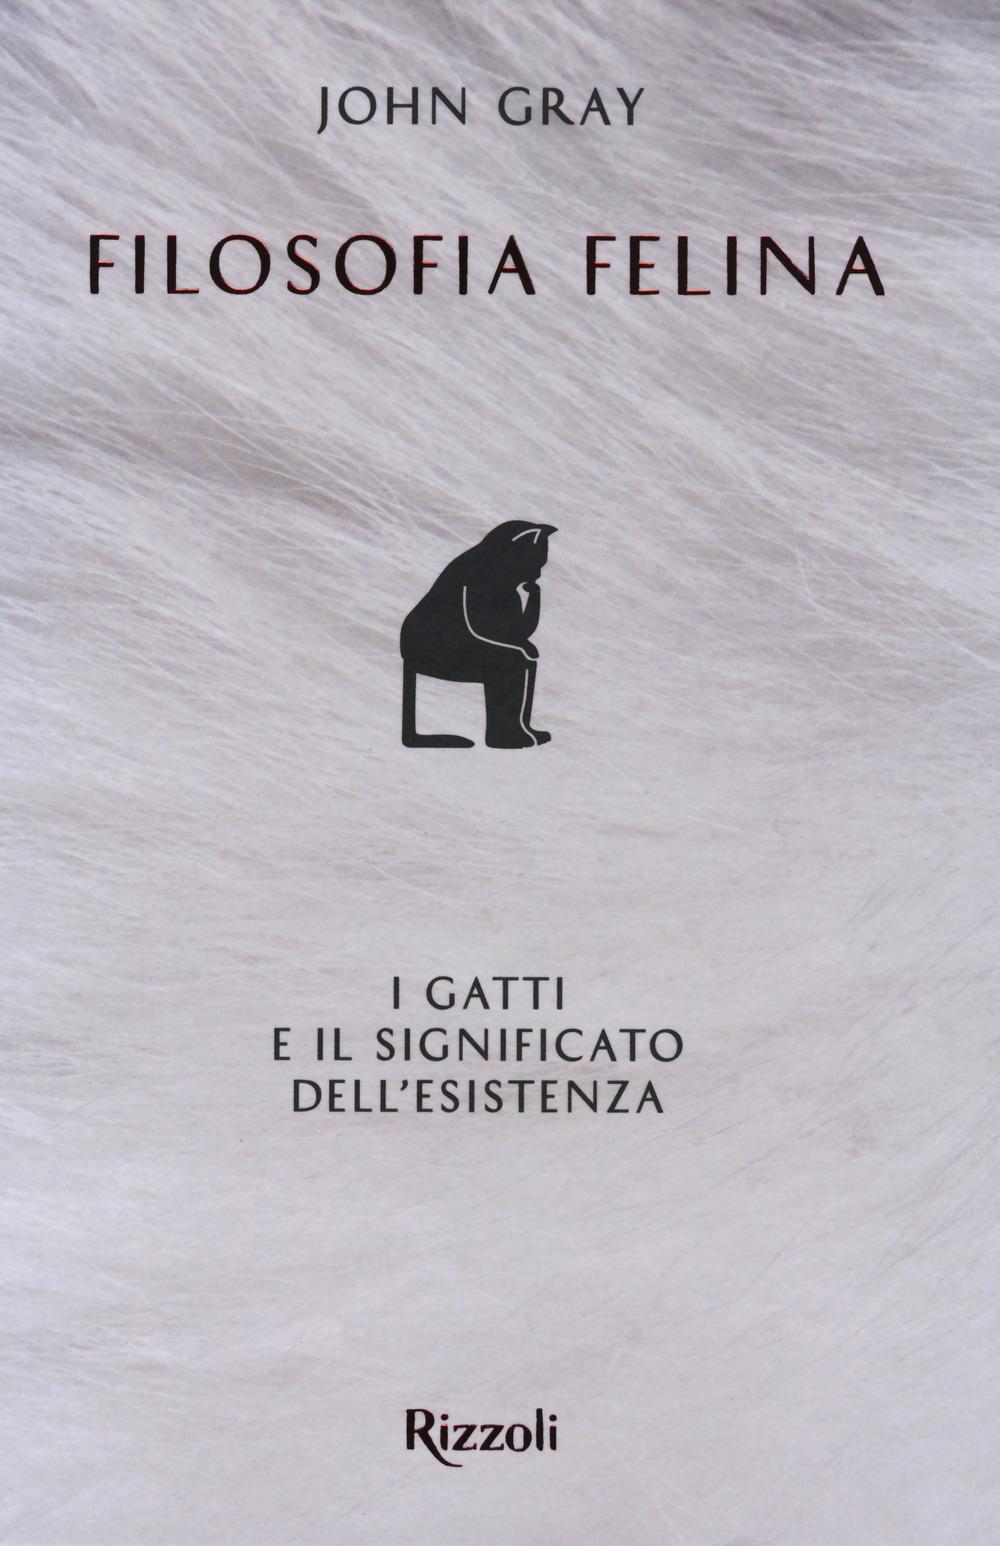 Filosofia felina. I gatti e il significato dell'esistenza